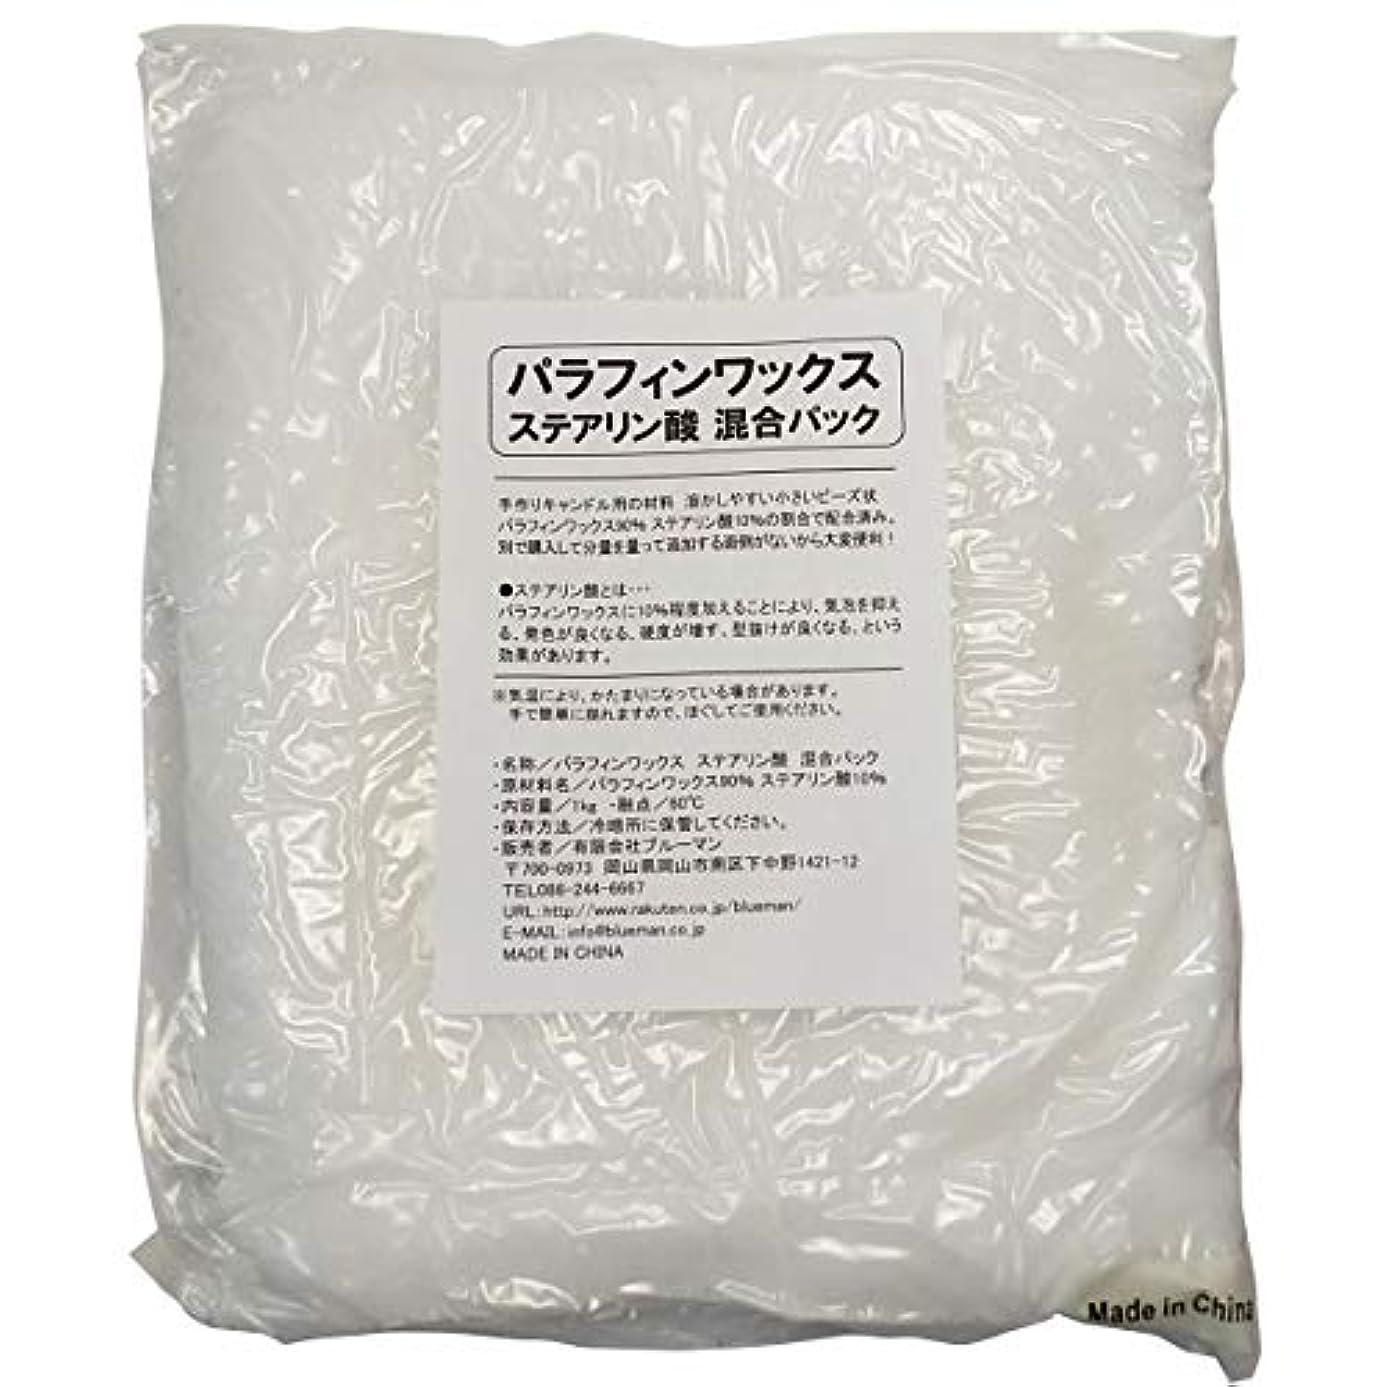 葡萄トリプル憂鬱パラフィンワックス ステアリン酸 混合パック 1kg×7袋【手作りキャンドル 材料 アロマワックスバー】